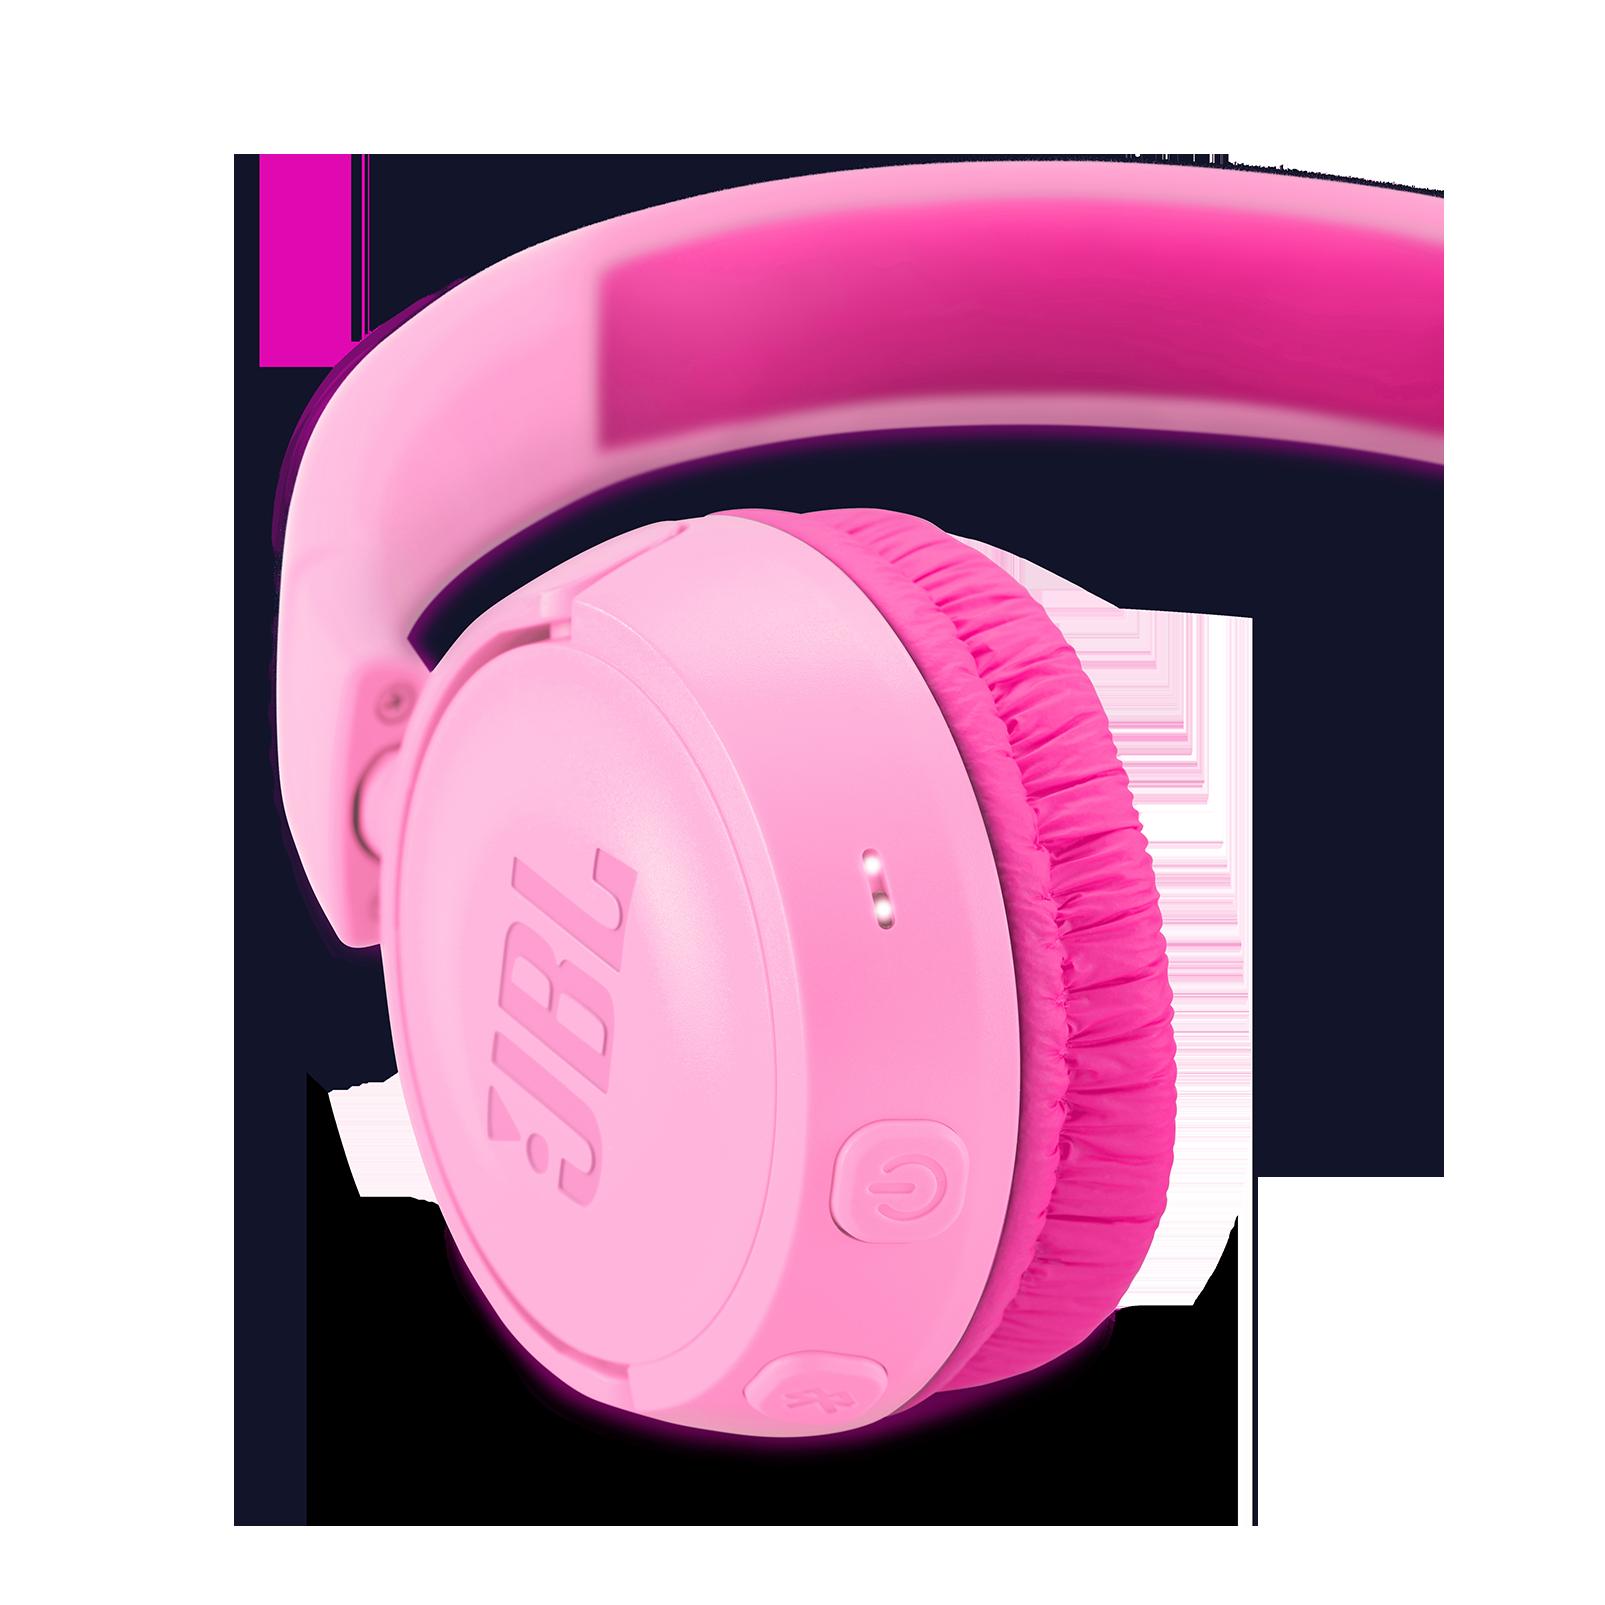 JBL JR300BT - Punky Pink - Kids Wireless on-ear headphones - Detailshot 2